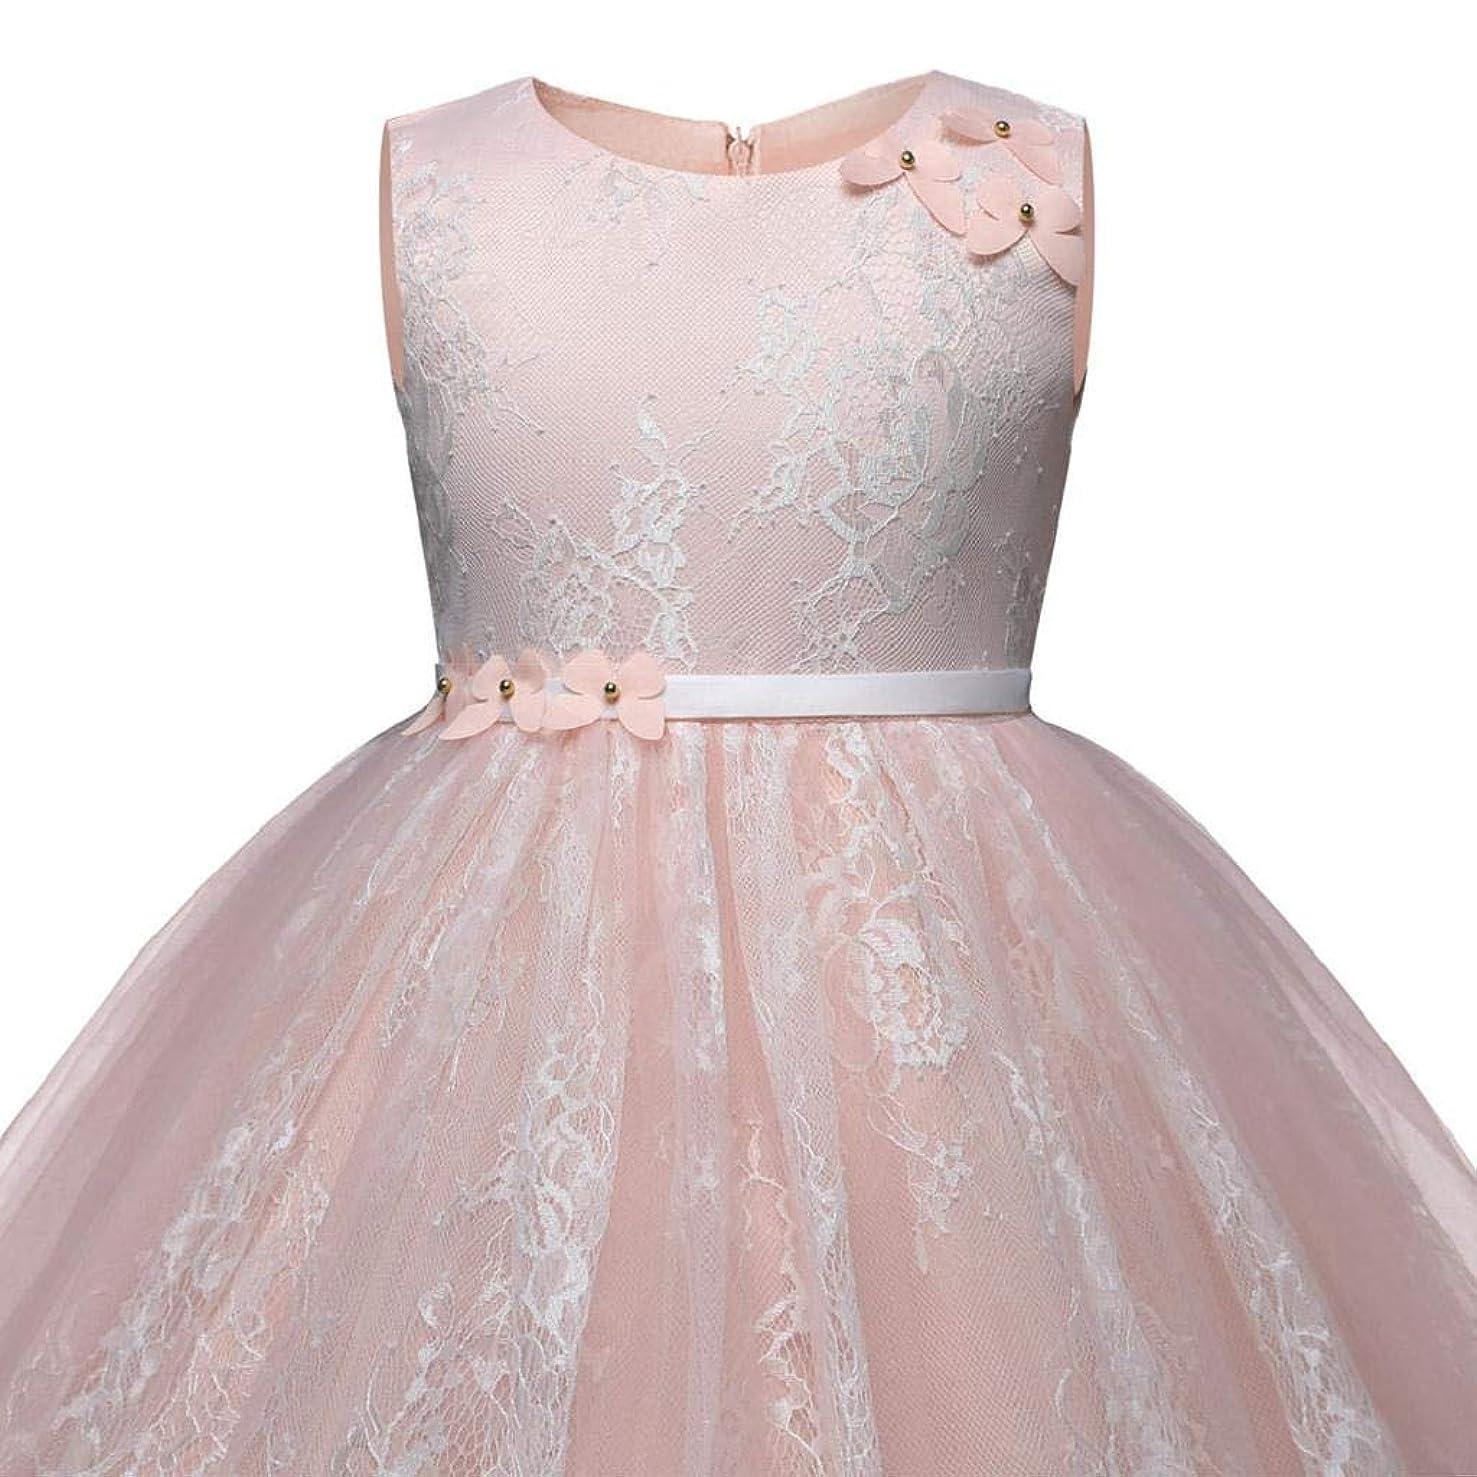 Kid Girl Cartoon Heart Print Bowknot Sleeveless Princess Dresse Clothes GUTTEAR